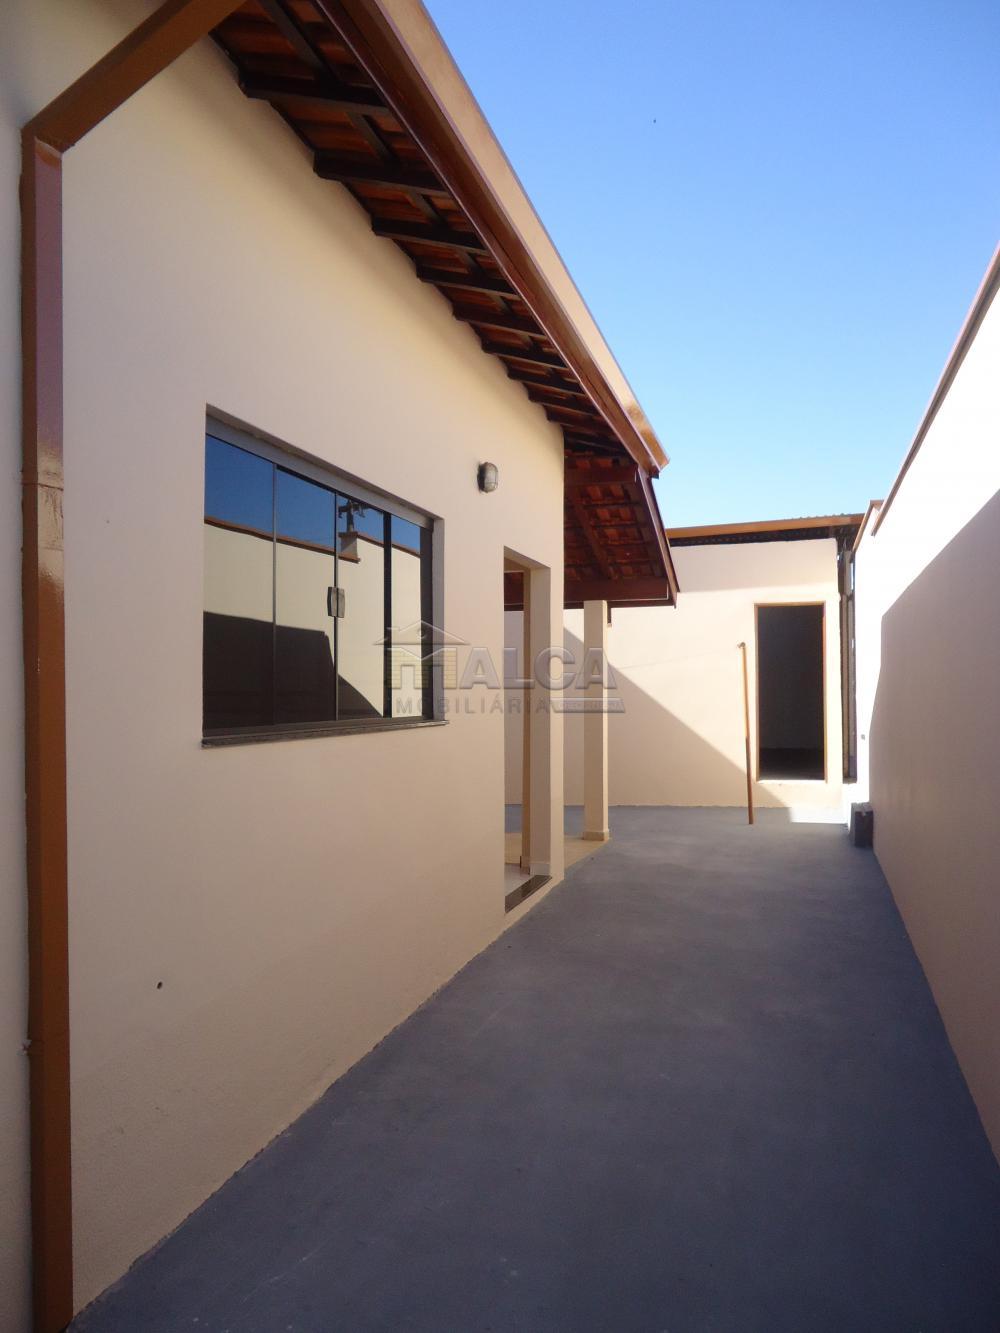 Alugar Casas / Padrão em São José do Rio Pardo R$ 1.500,00 - Foto 40